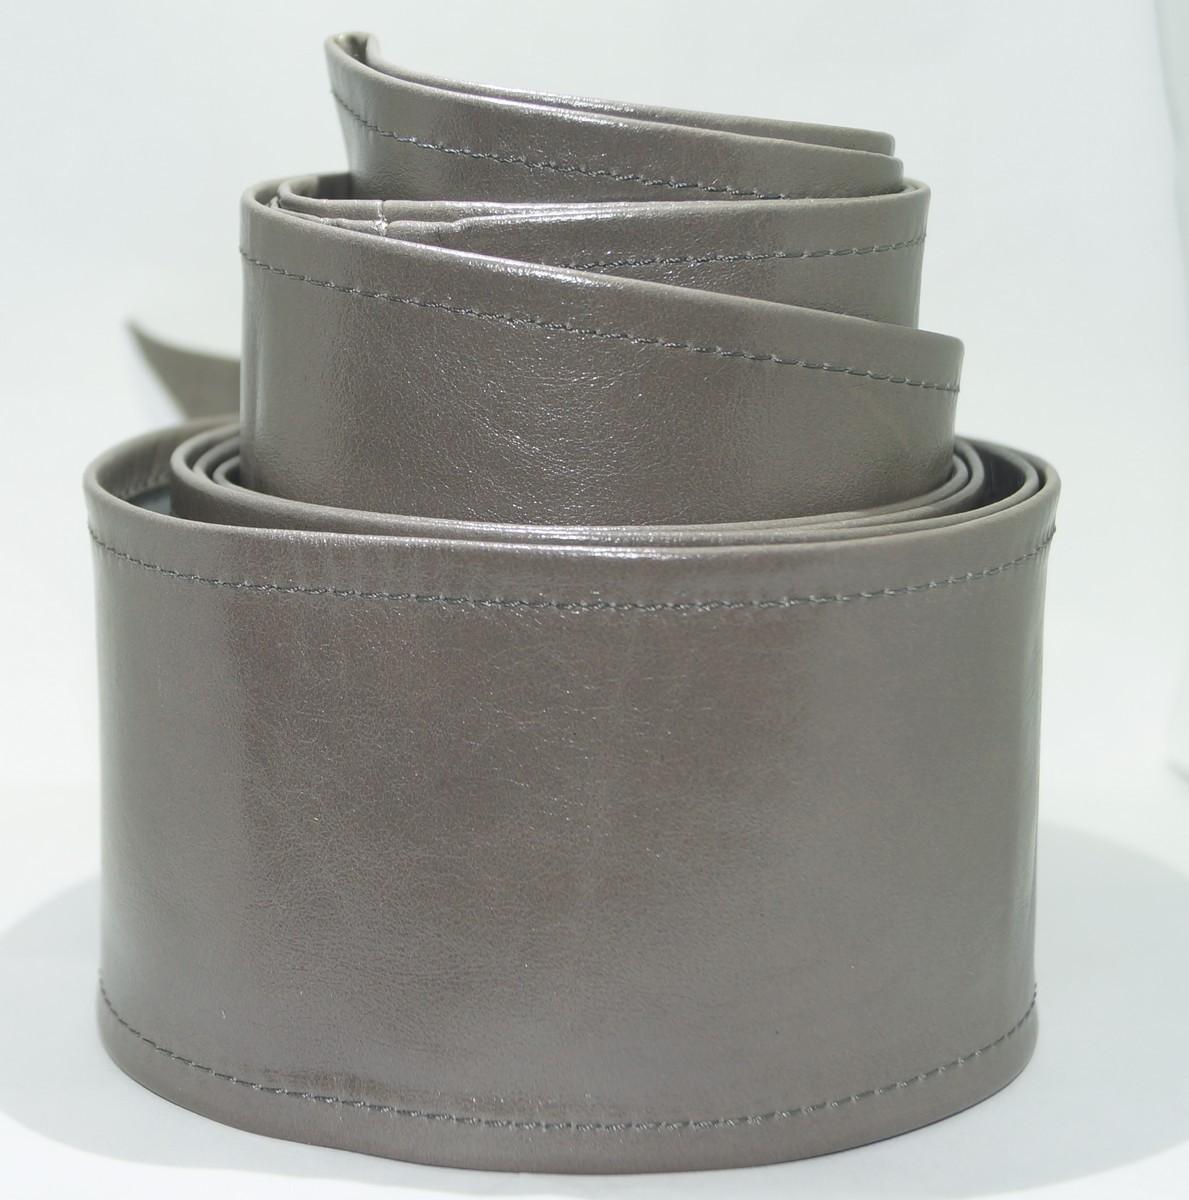 Кожаный пояс-кушак серый, 10 см.